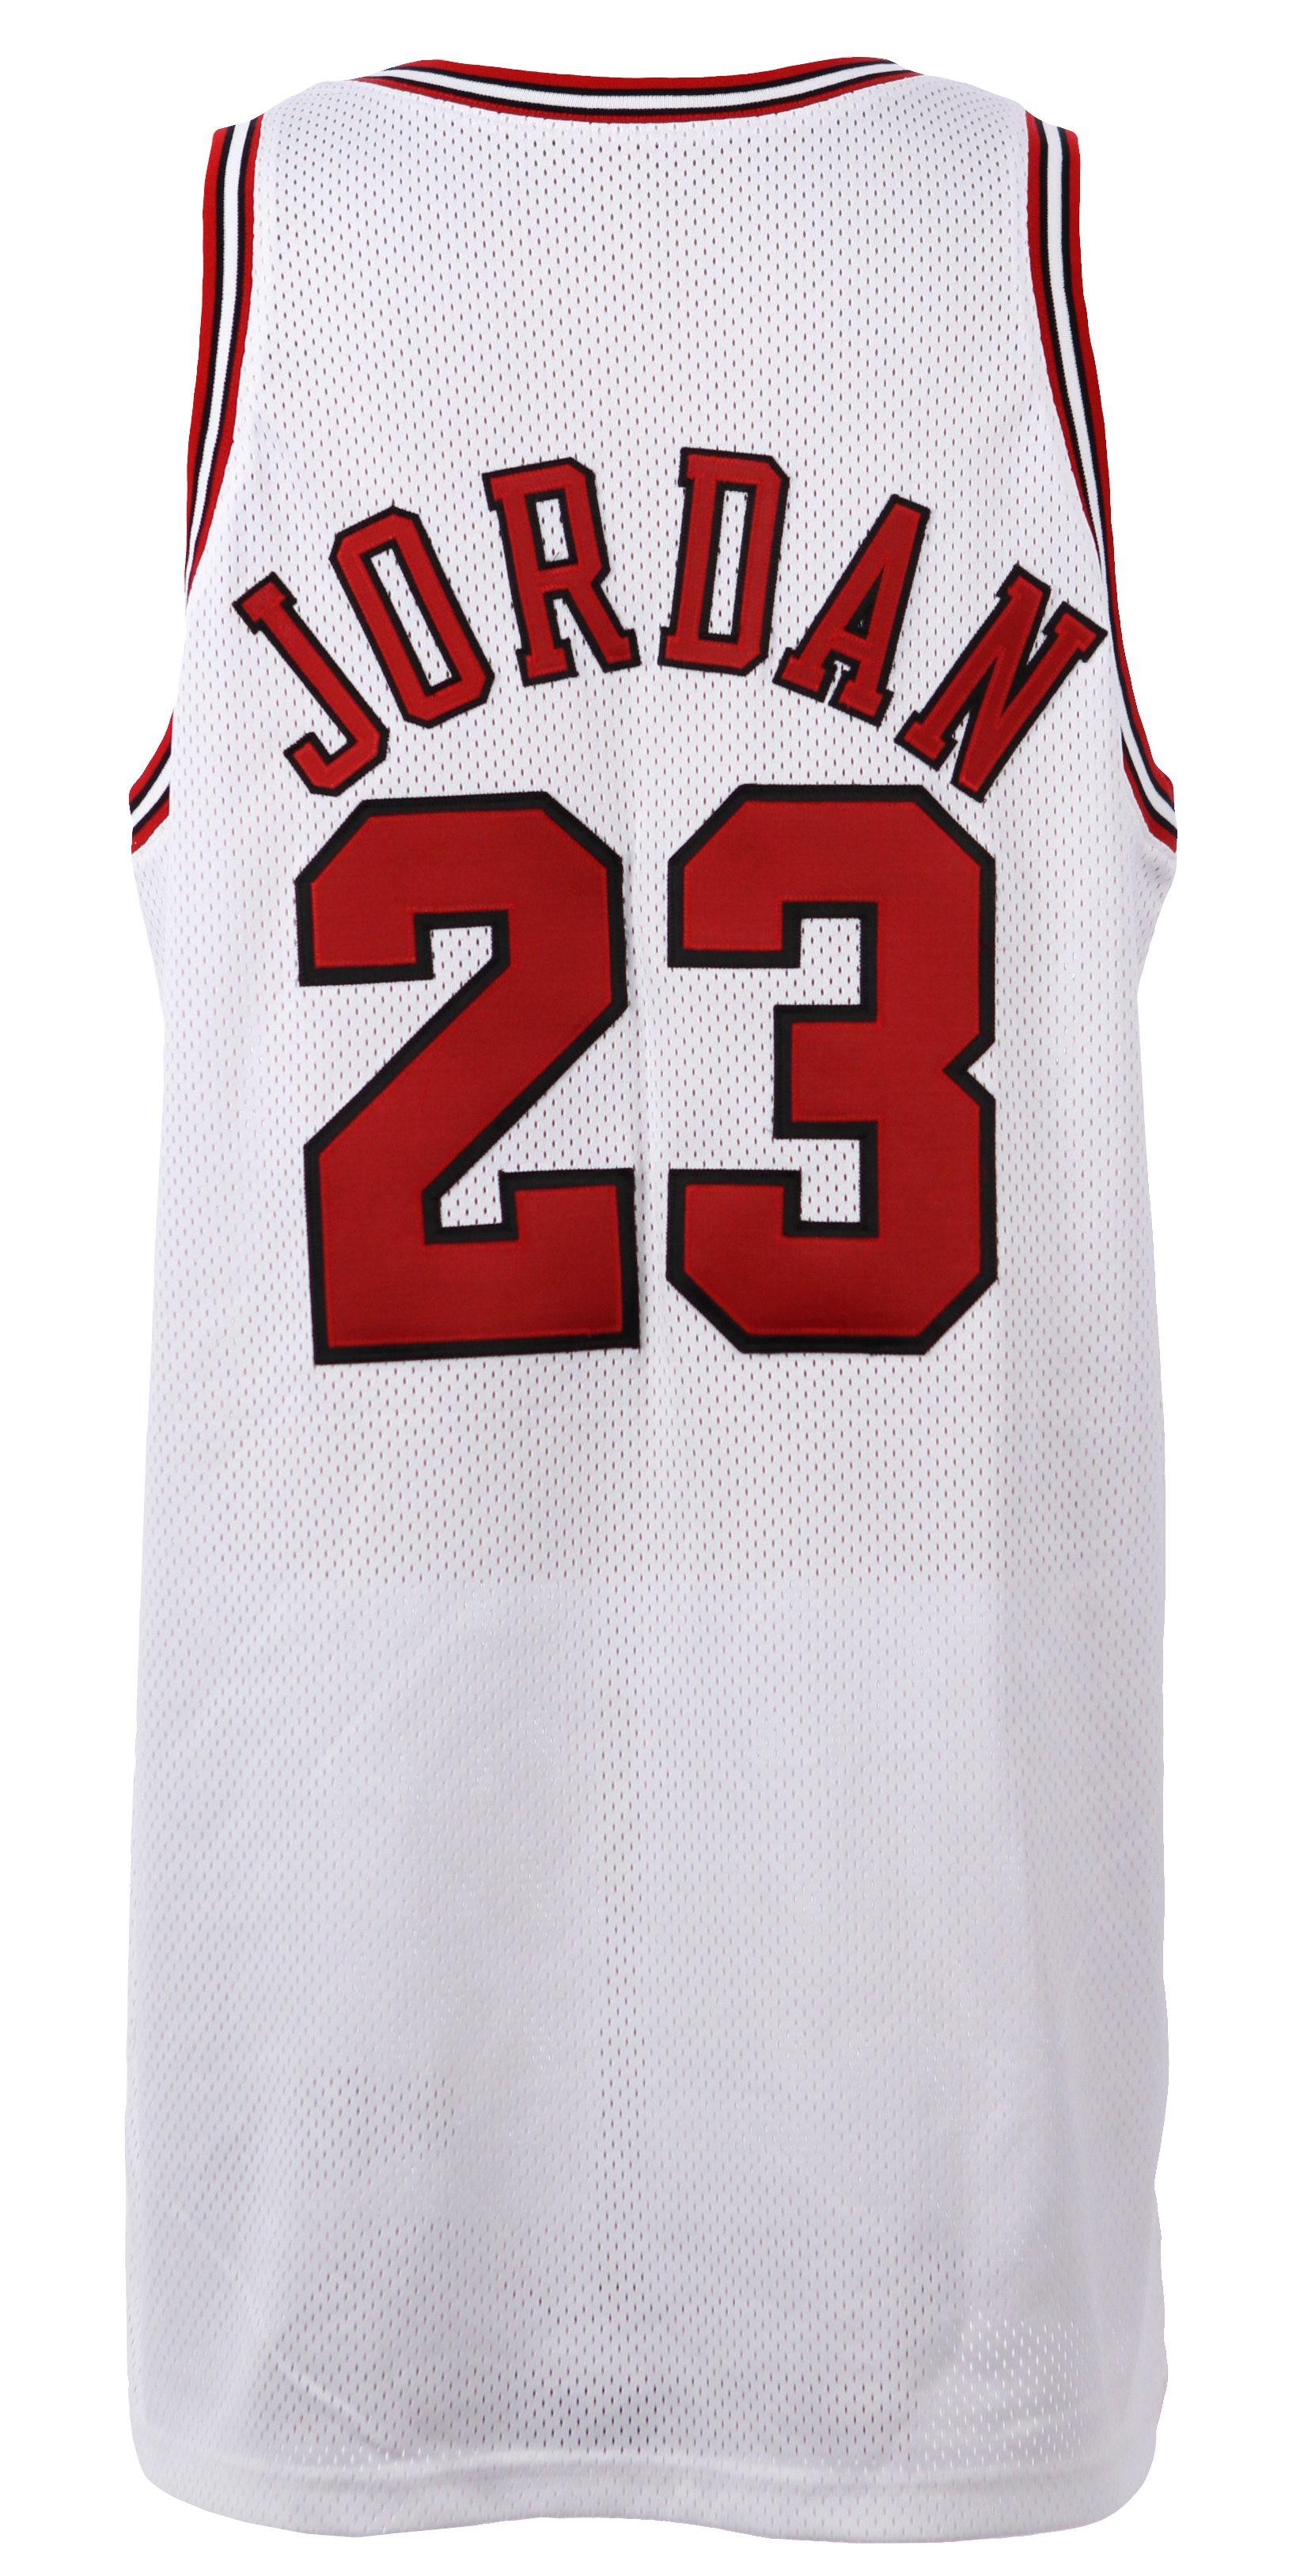 a274401d32b Lot Detail - 1998 Michael Jordan Chicago Bulls Game Worn NBA Finals Game 3  Home Jersey (MEARS A10)